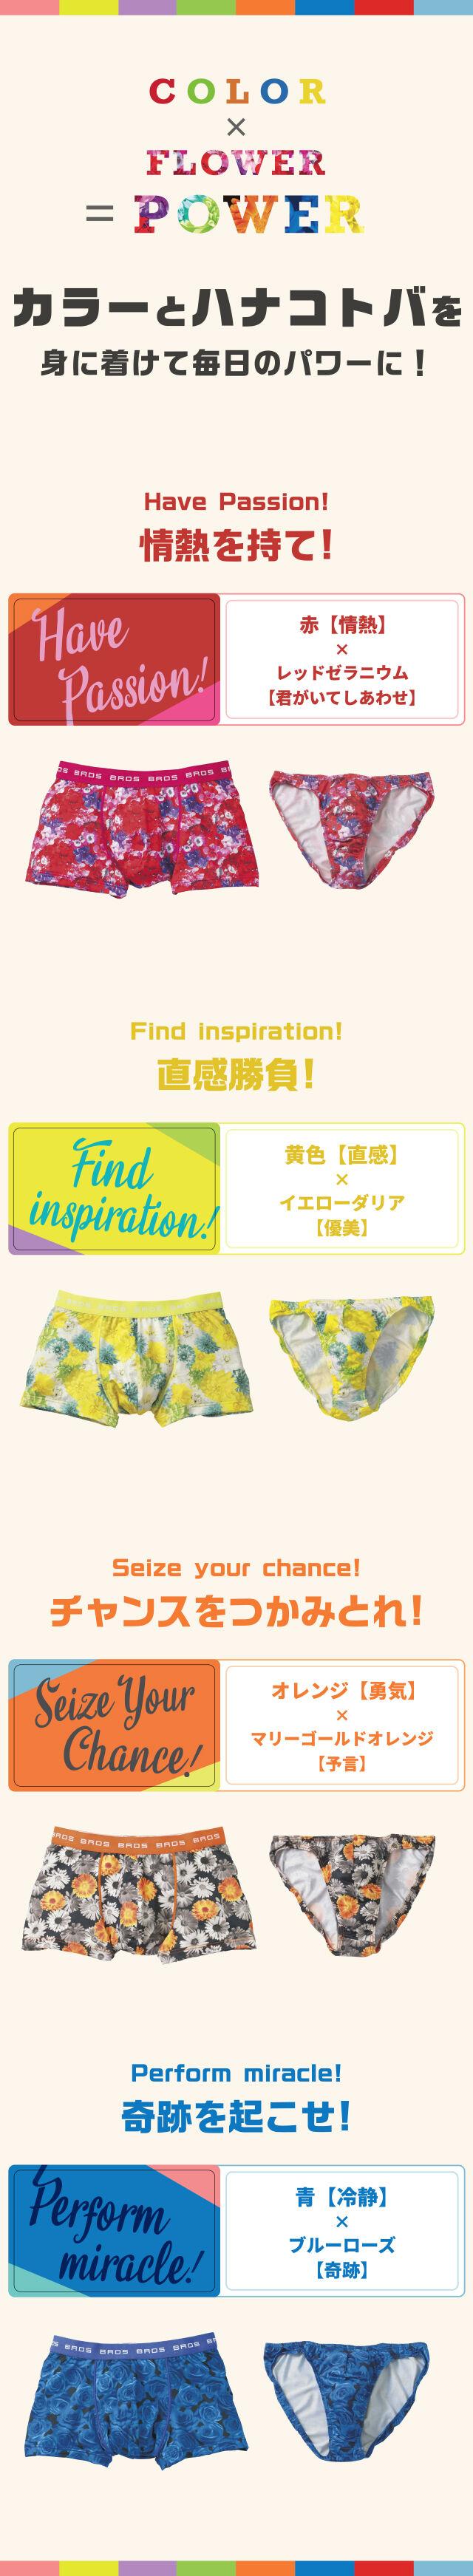 Hanakotoba Pants カラーとハナコトバを身に着けて毎日のパワーに!